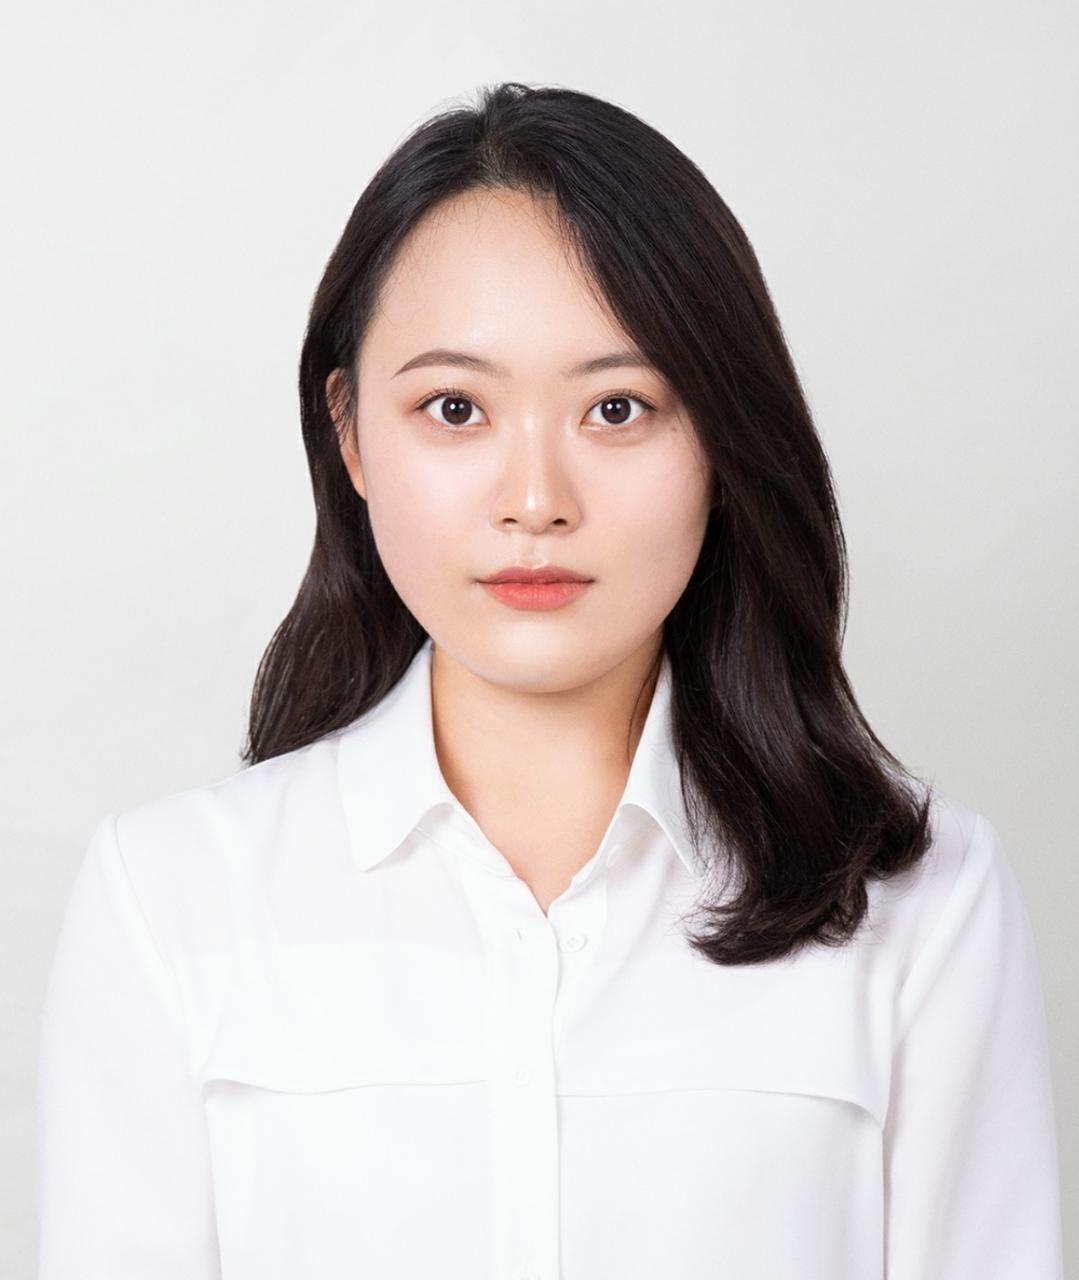 김윤정 KB국민은행 WM투자자문부 세무전문위원